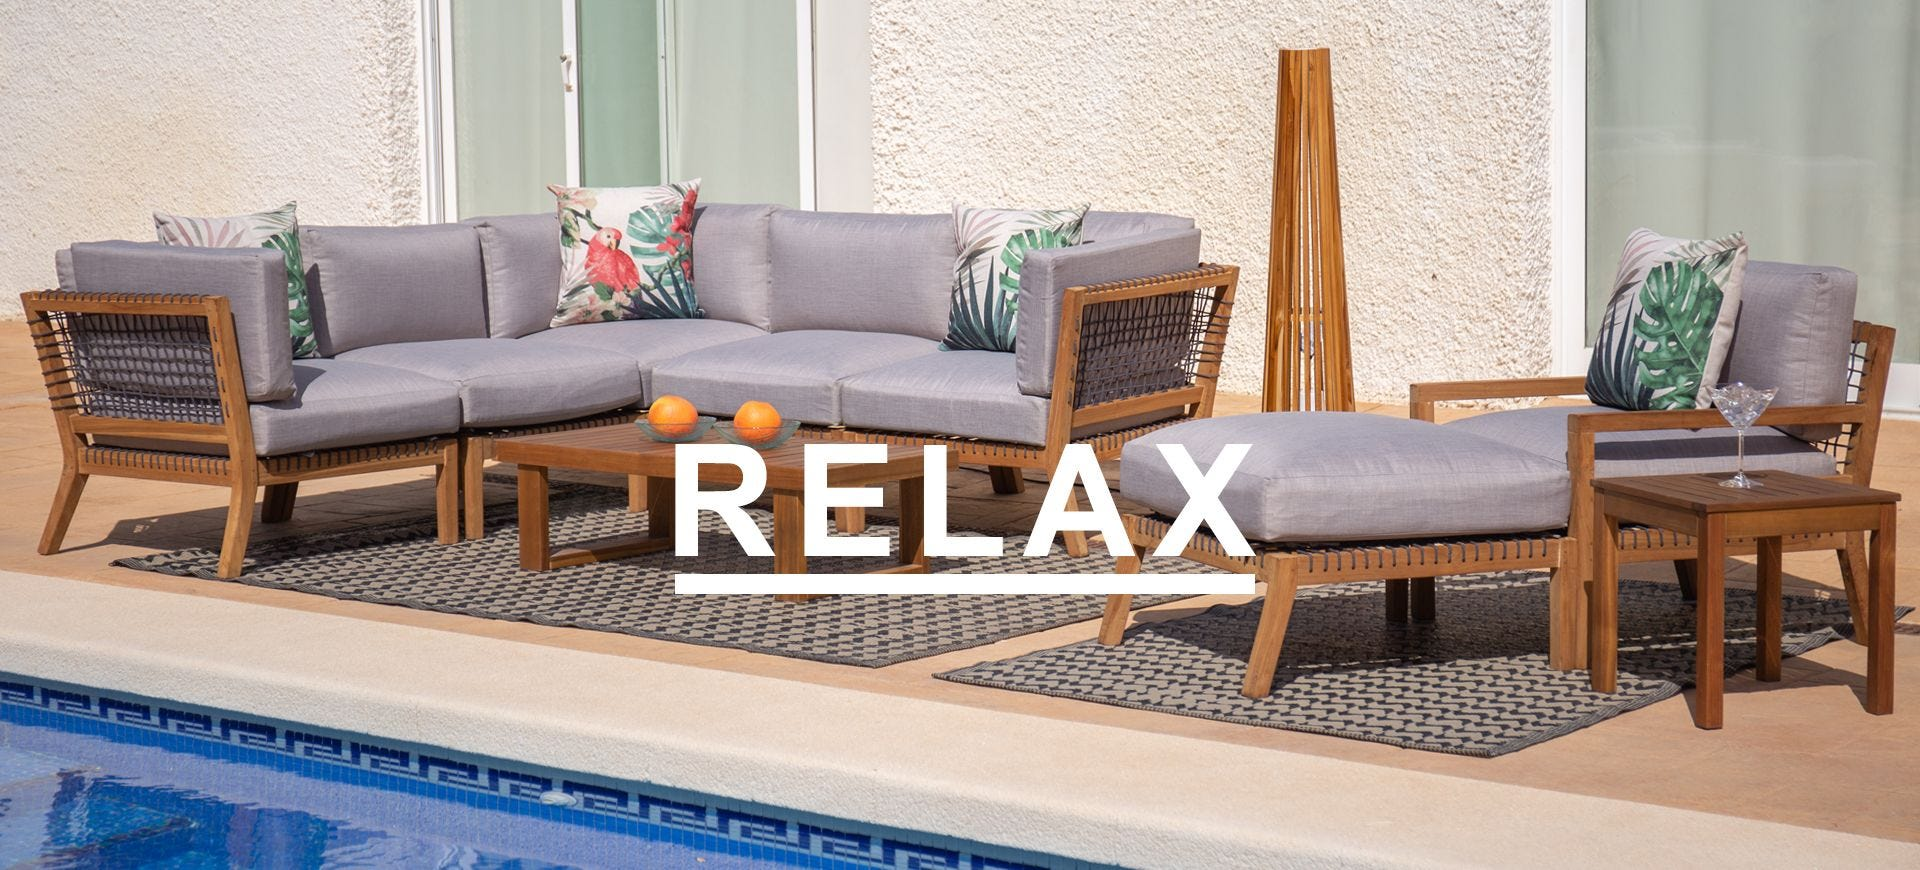 Relax | LDK Garden